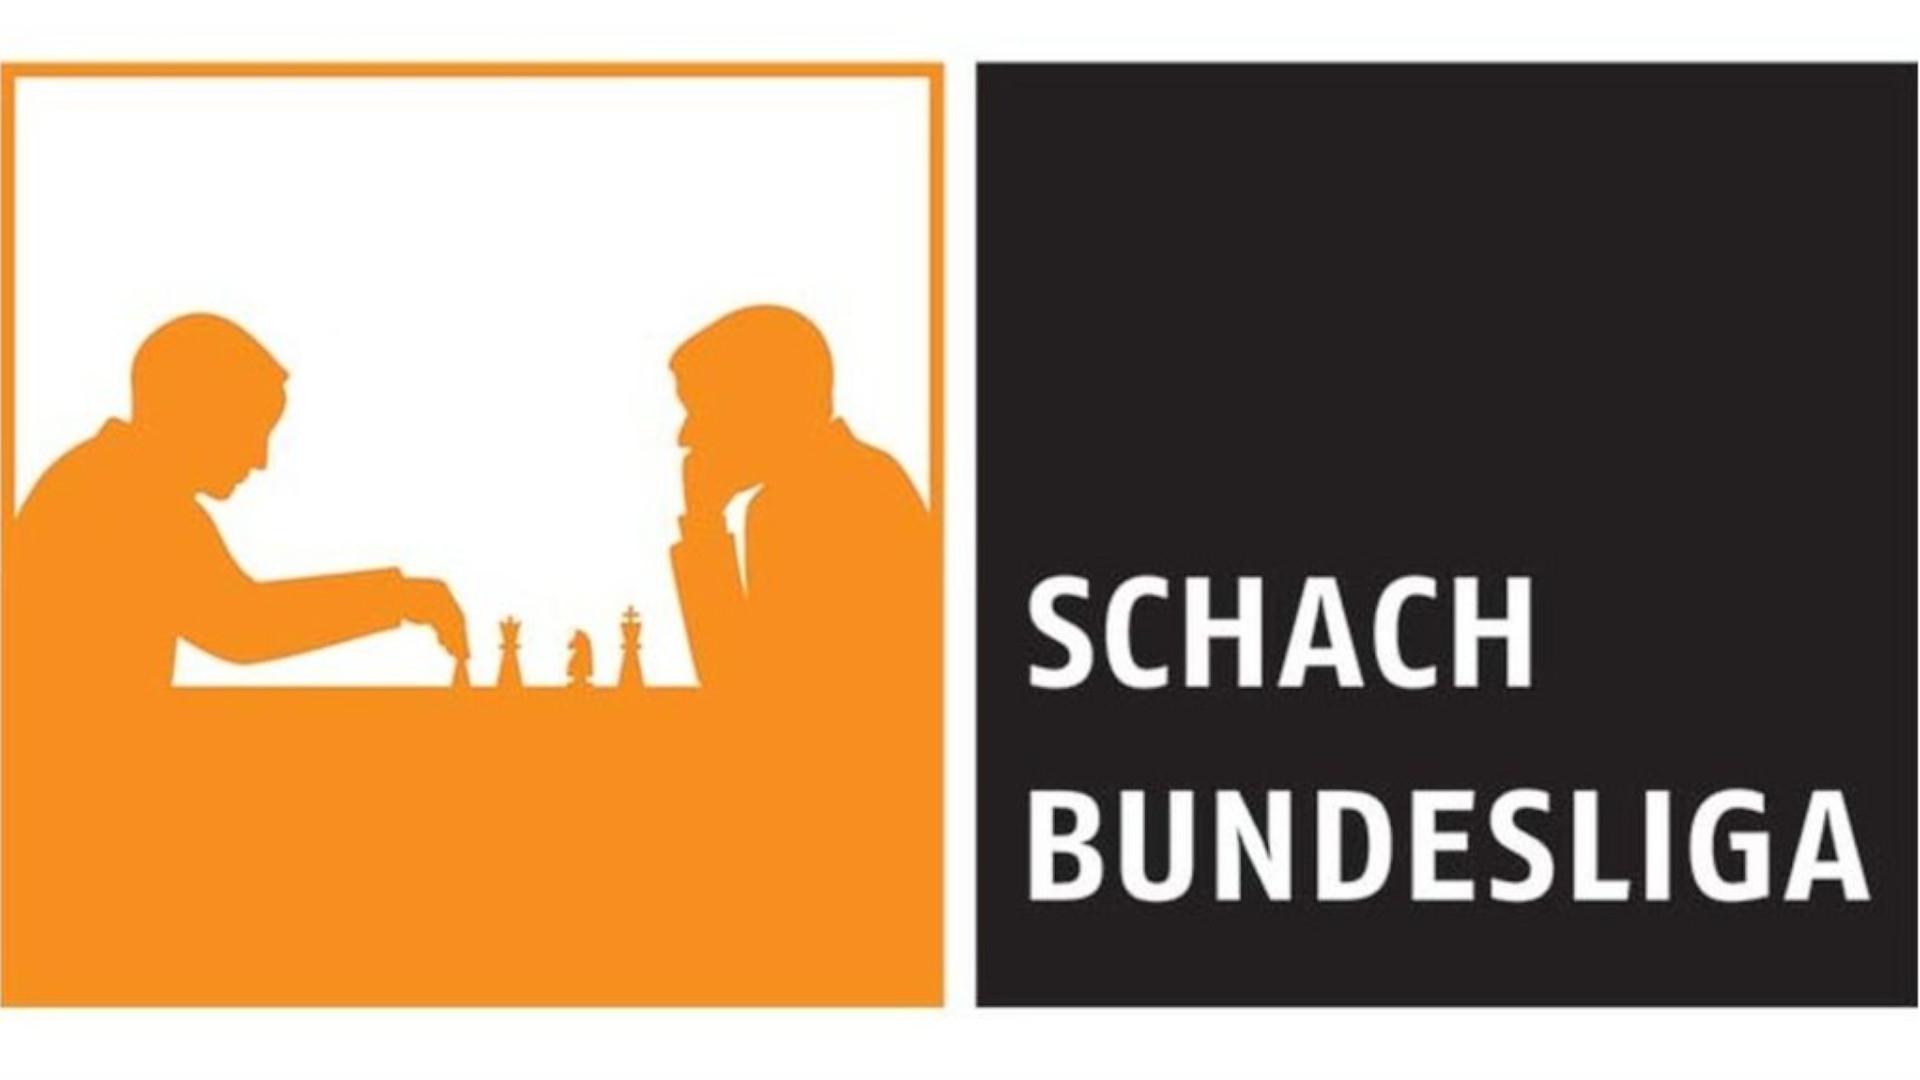 Bundesliga: Saisonfinale im Oktober in Berlin / NRW: Saisonfinale sofort